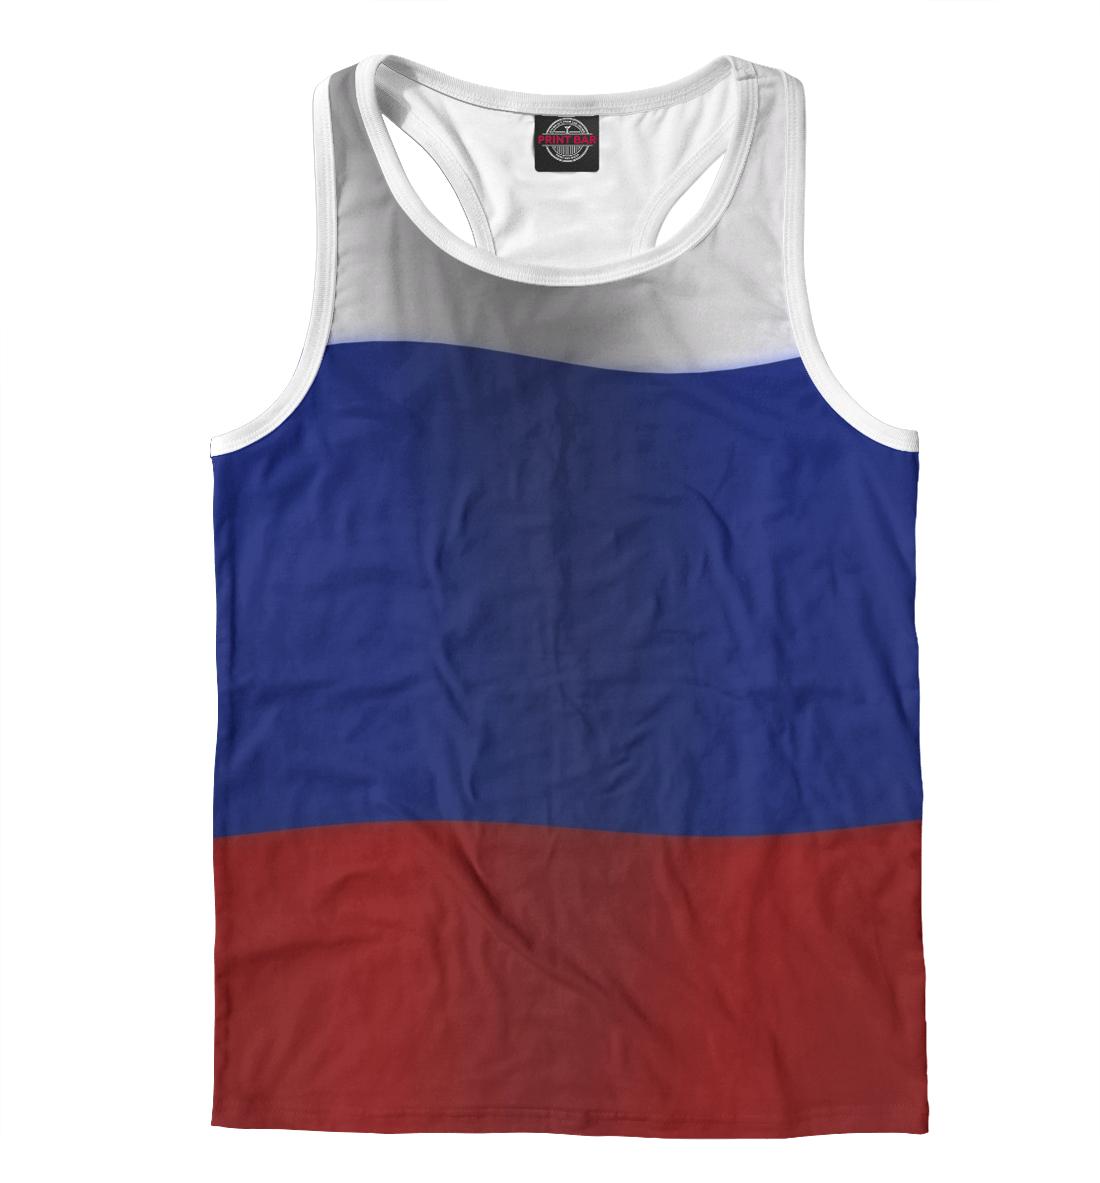 Купить Триколор, Printbar, Майки борцовки, VSY-106500-mayb-2